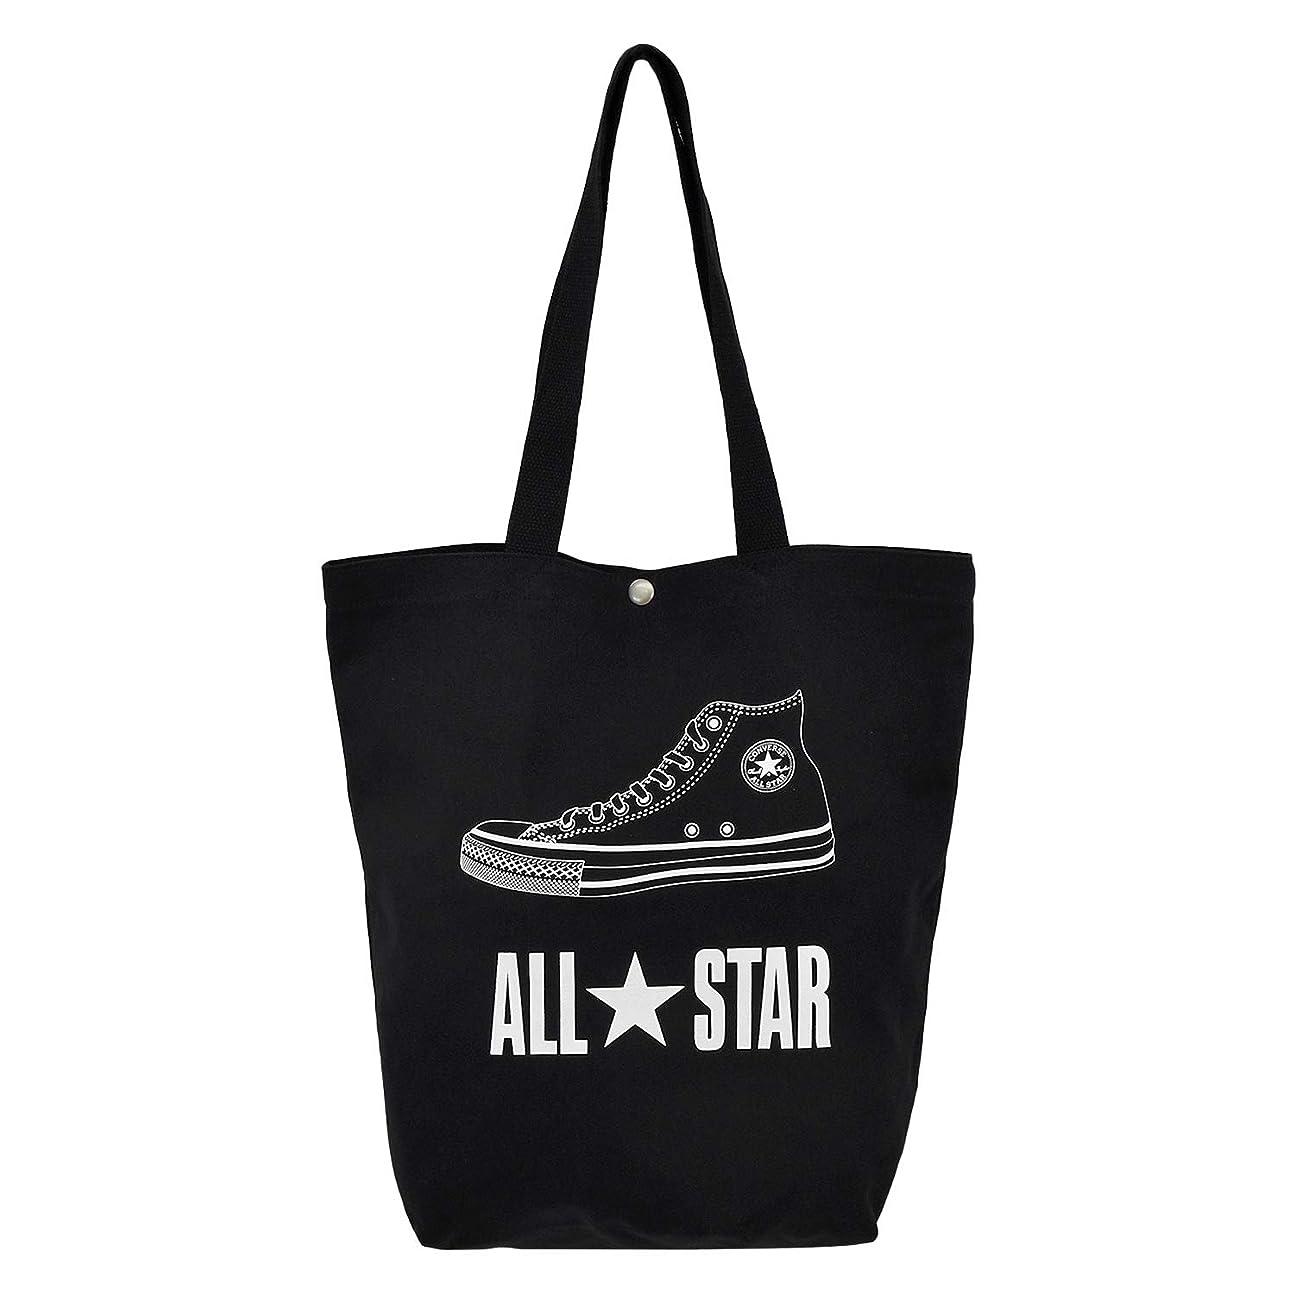 愛国的な寛大さ考え(コンバース)CONVERSE ブランド ロゴ キャンバス トートバッグ ALL STAR オールスター